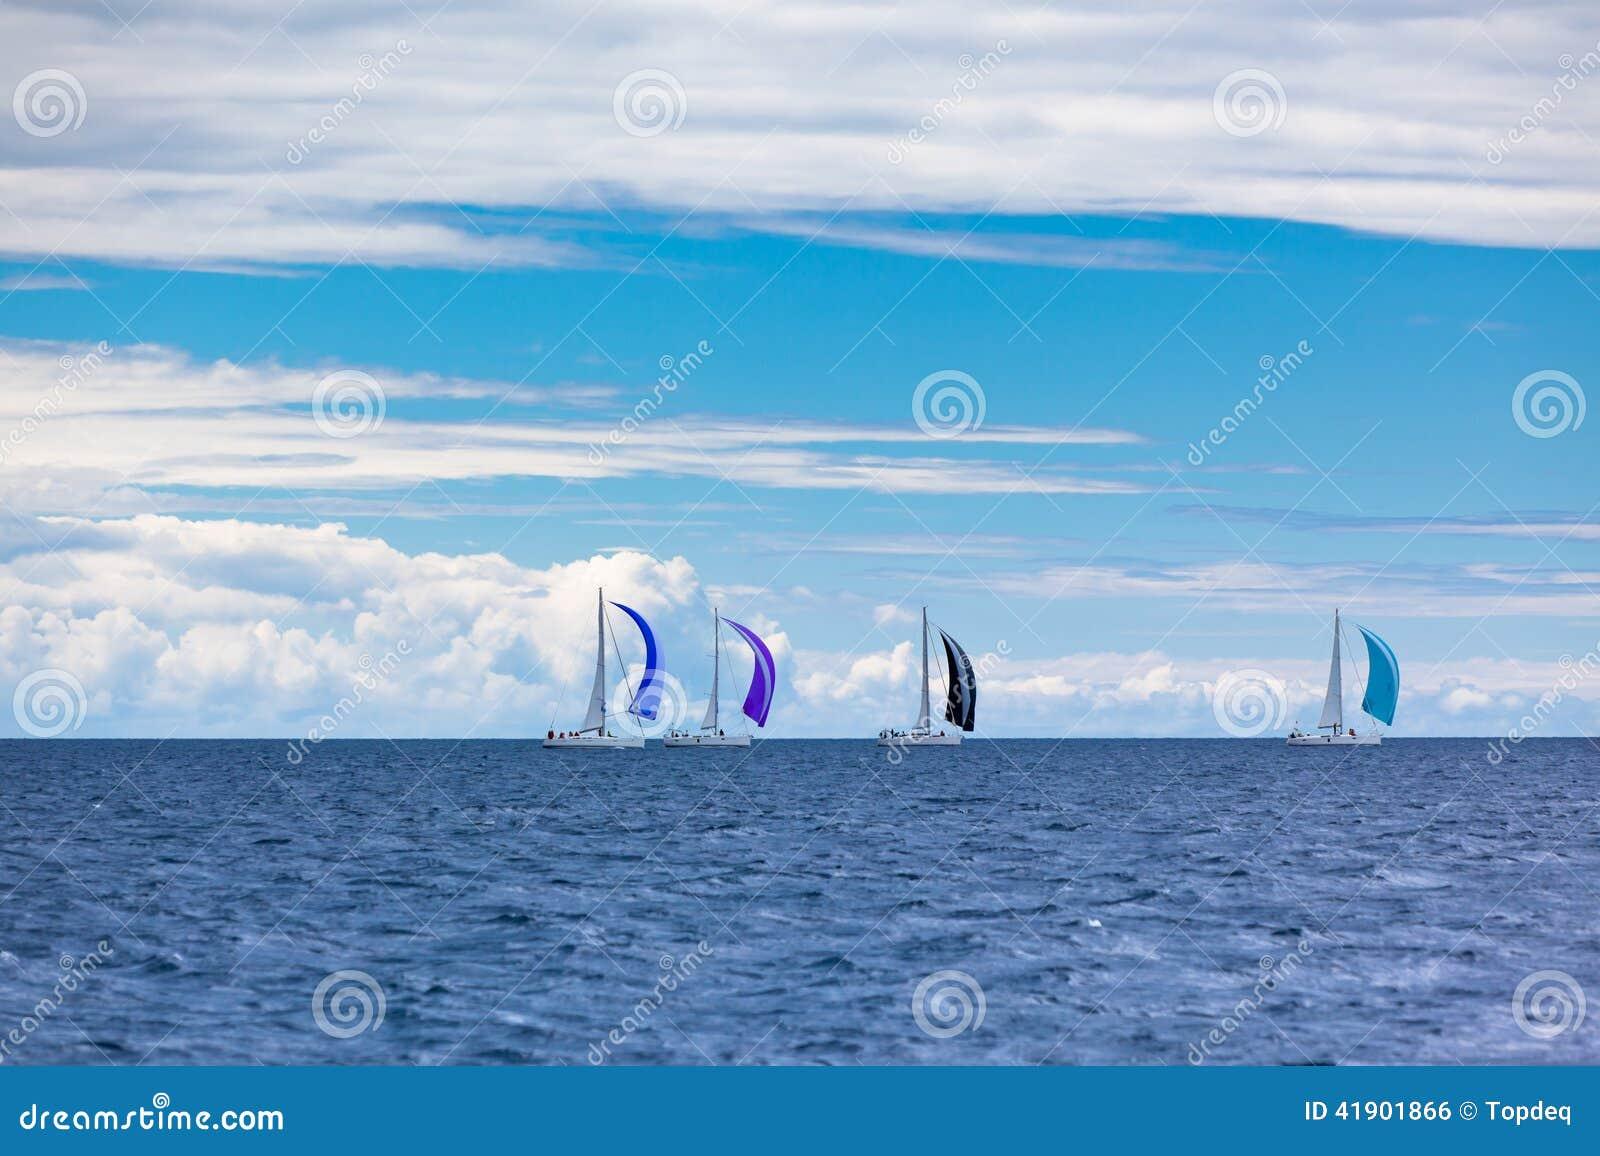 Faites de la navigation de plaisance la régate à la Mer Adriatique par temps venteux